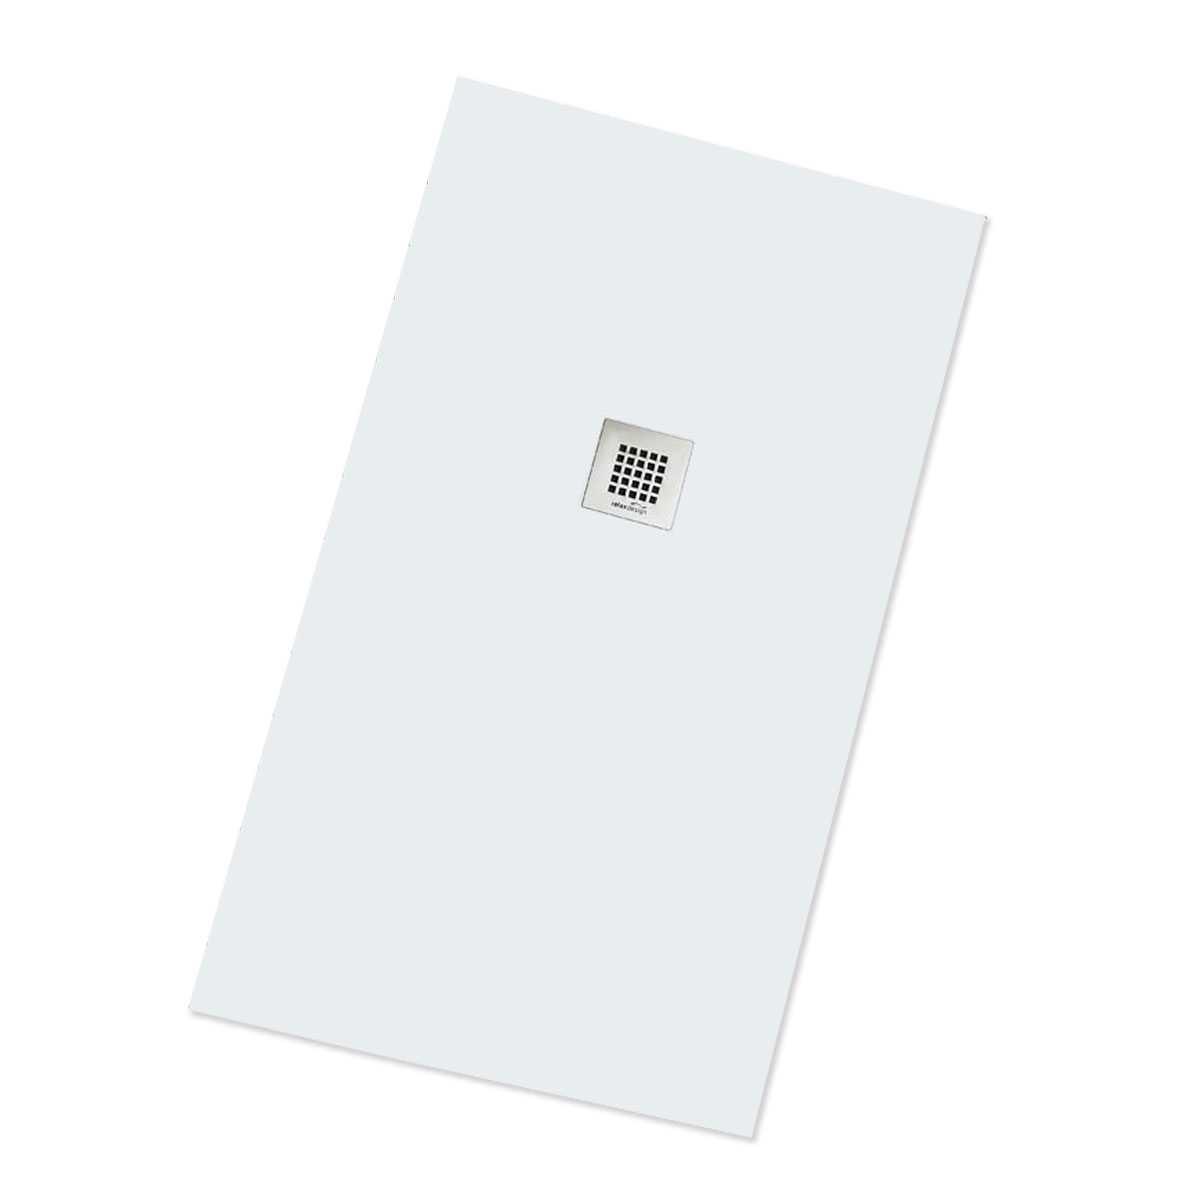 Piatto doccia ultrapiatto 70x140 colorato realizzato in solid surface con griglia inox  Rocky Solid